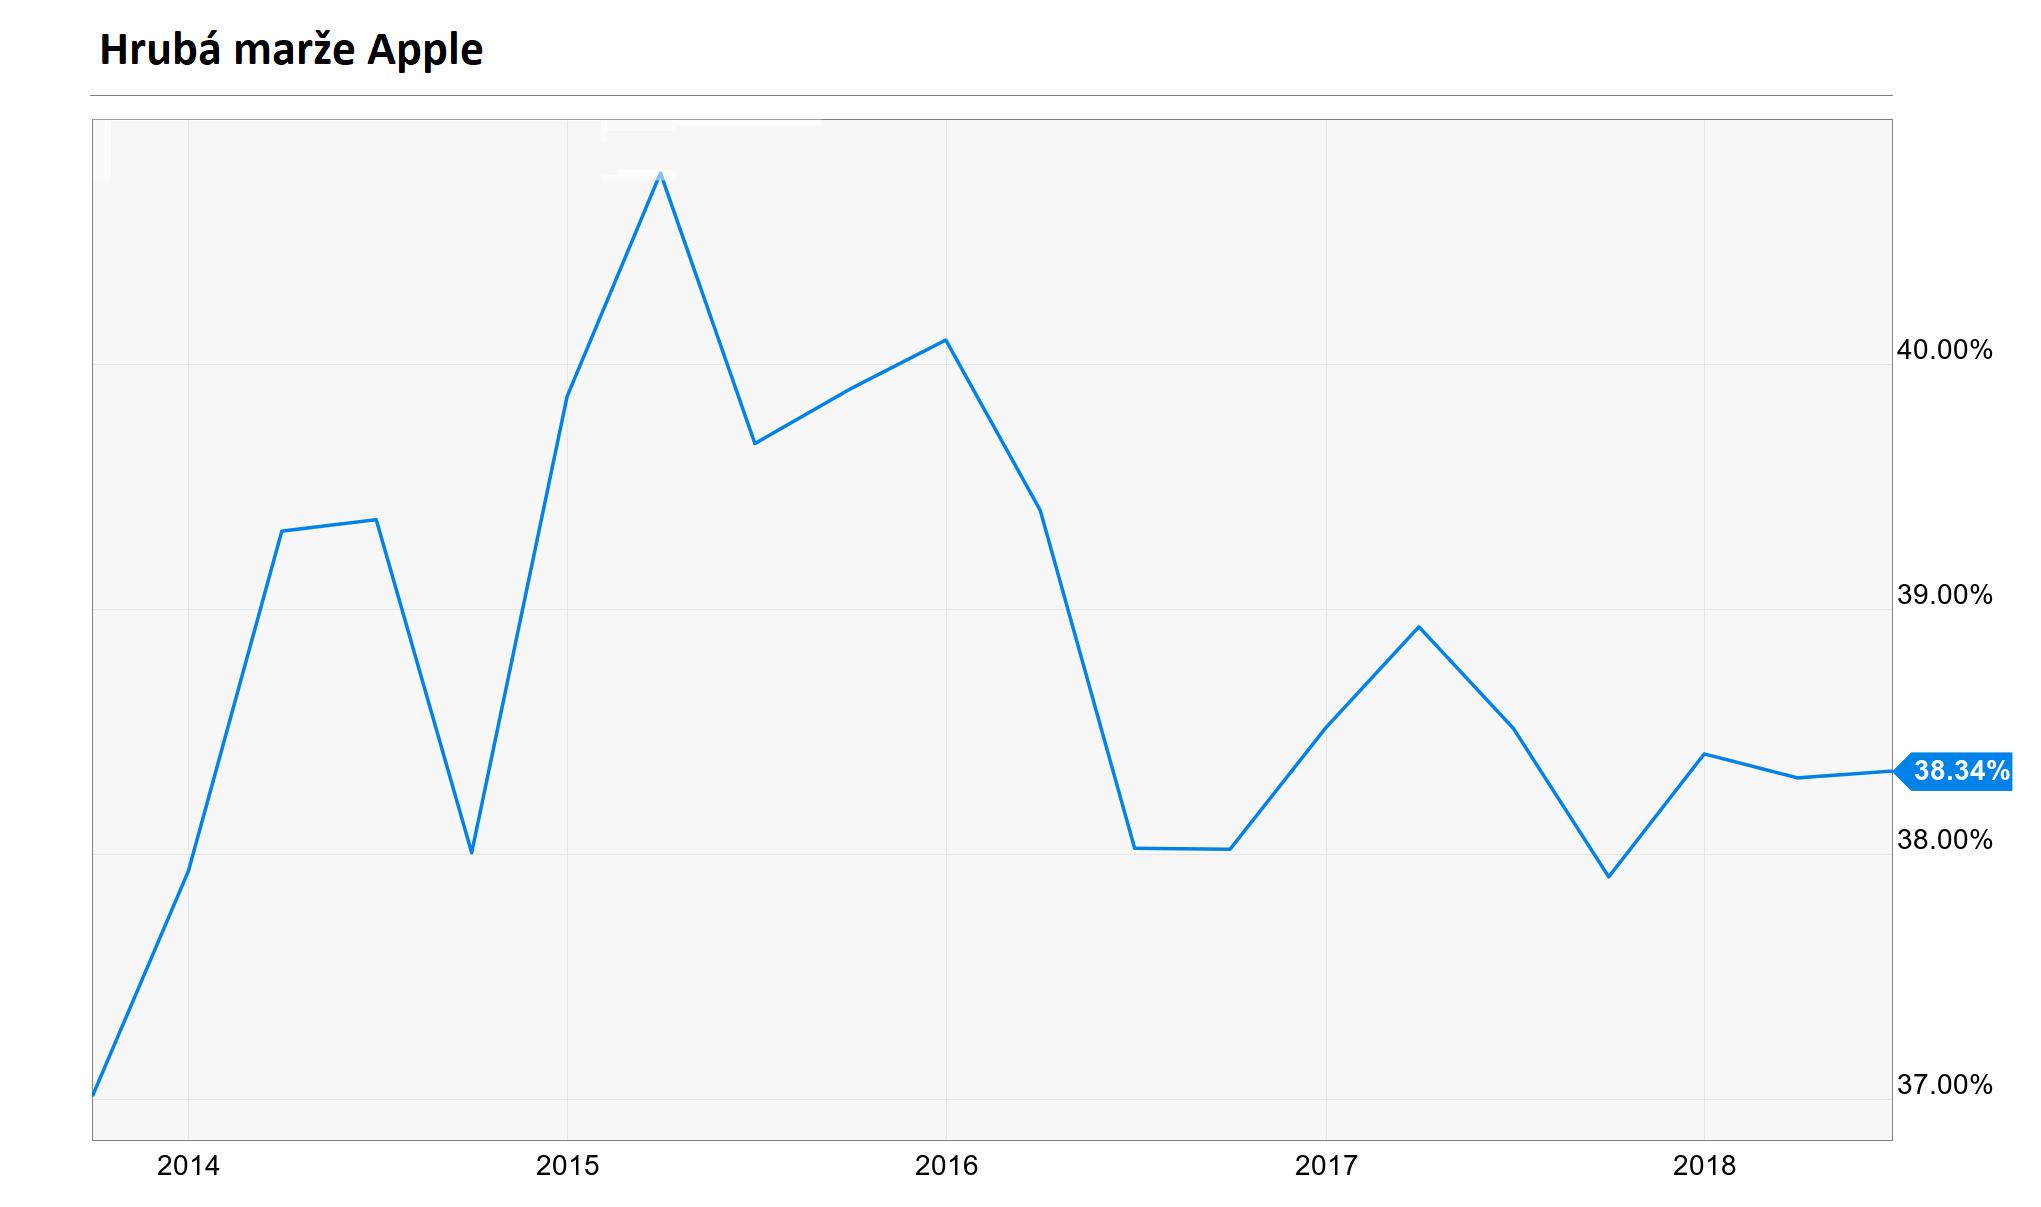 Hrubá marže společnosti Apple